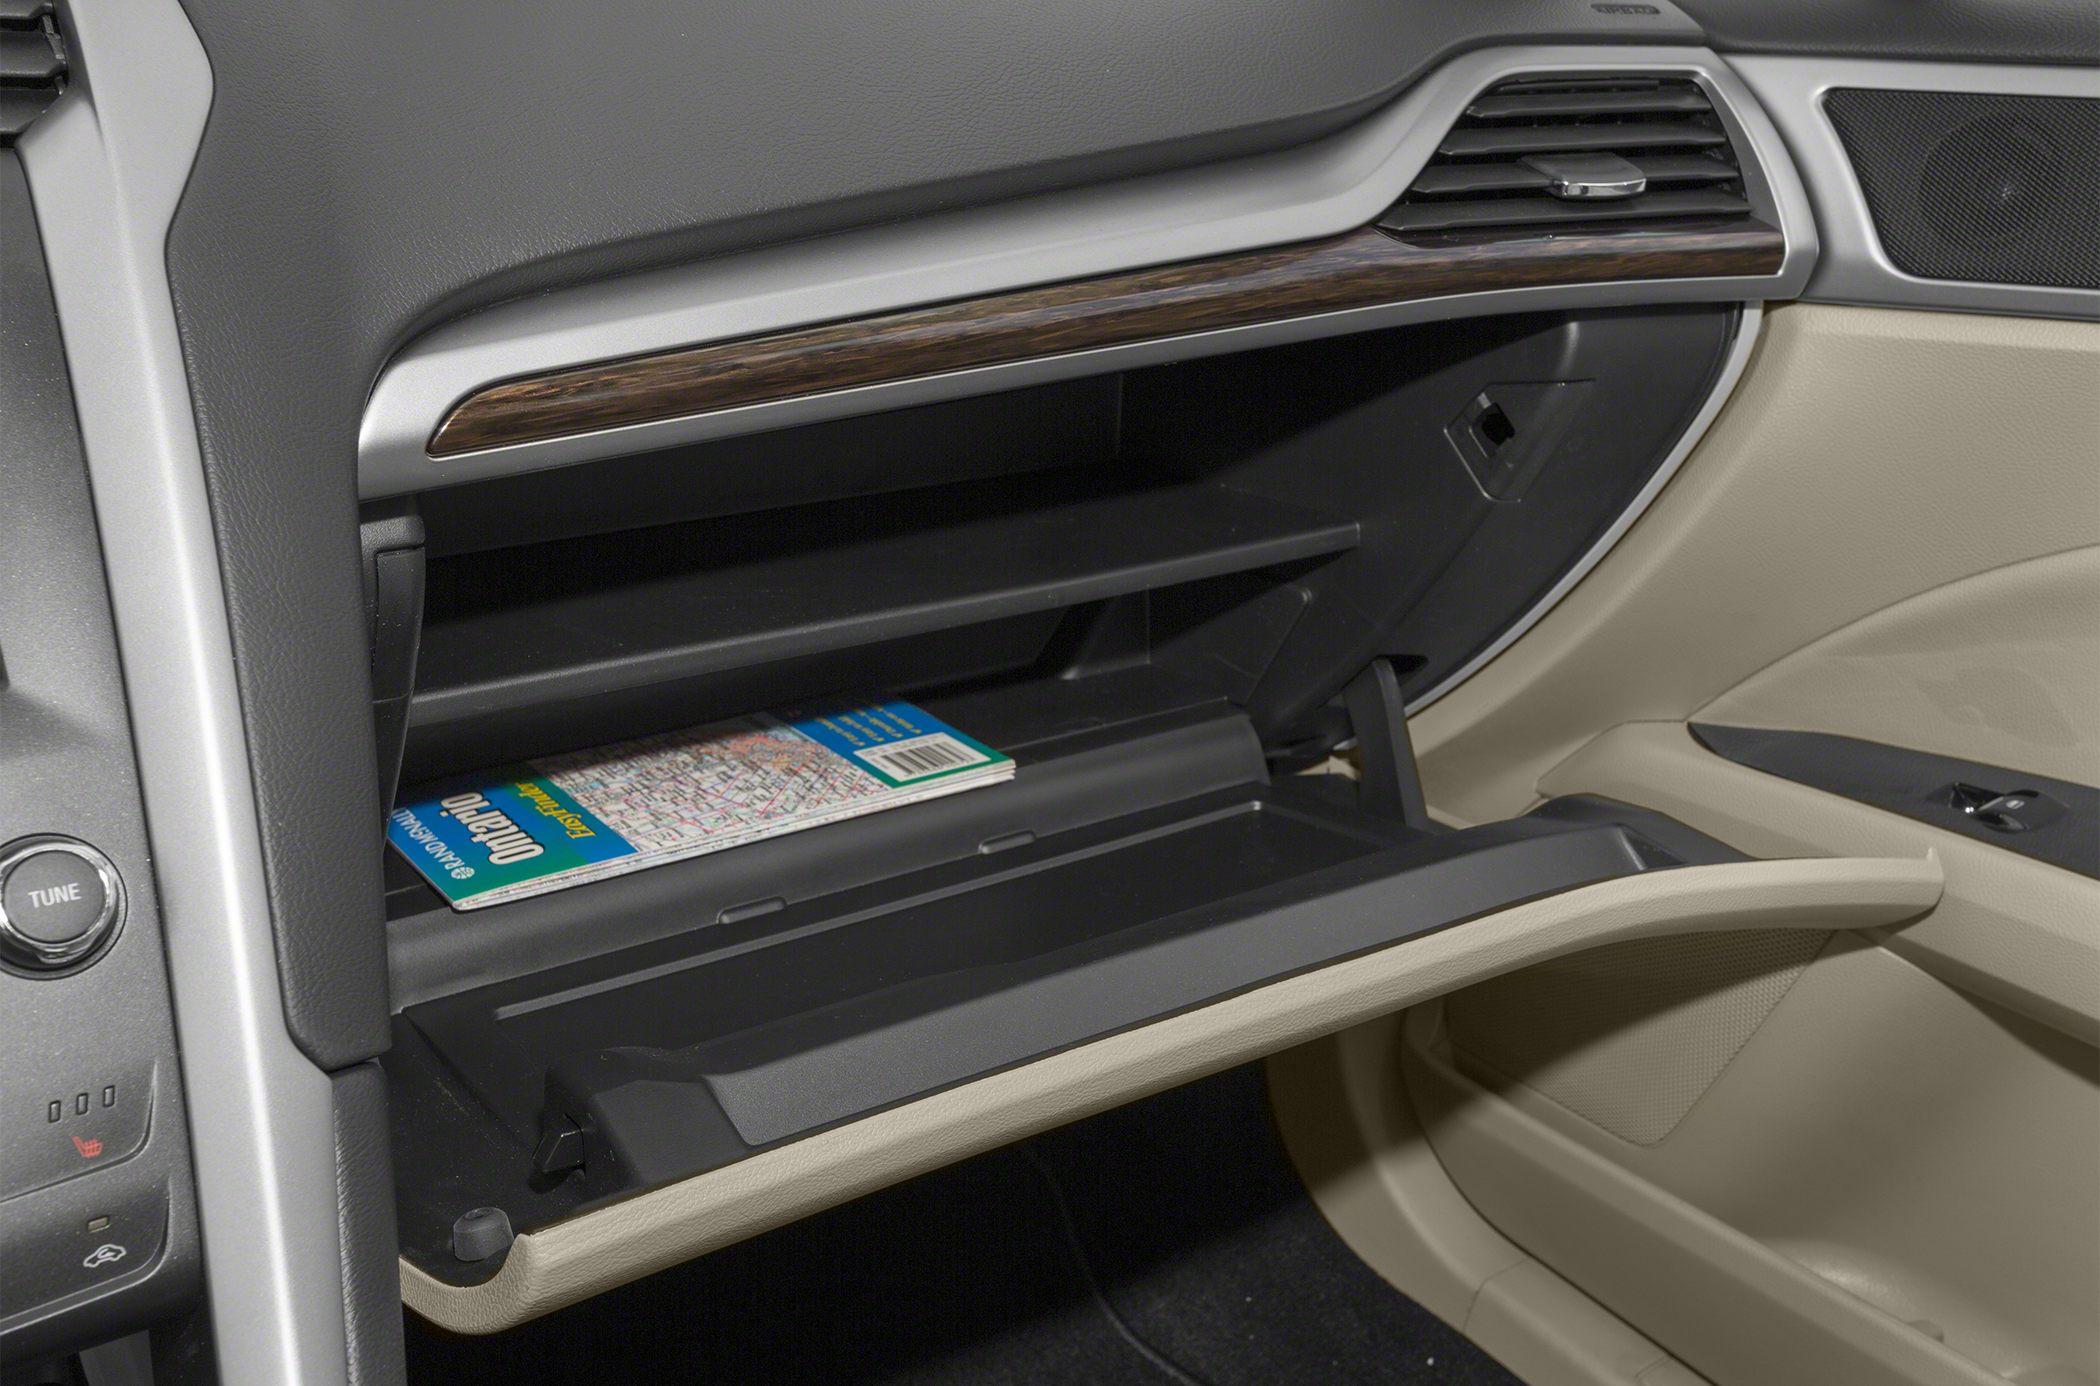 2014 ford fusion hybrid 20 ford fusion hybrid 20